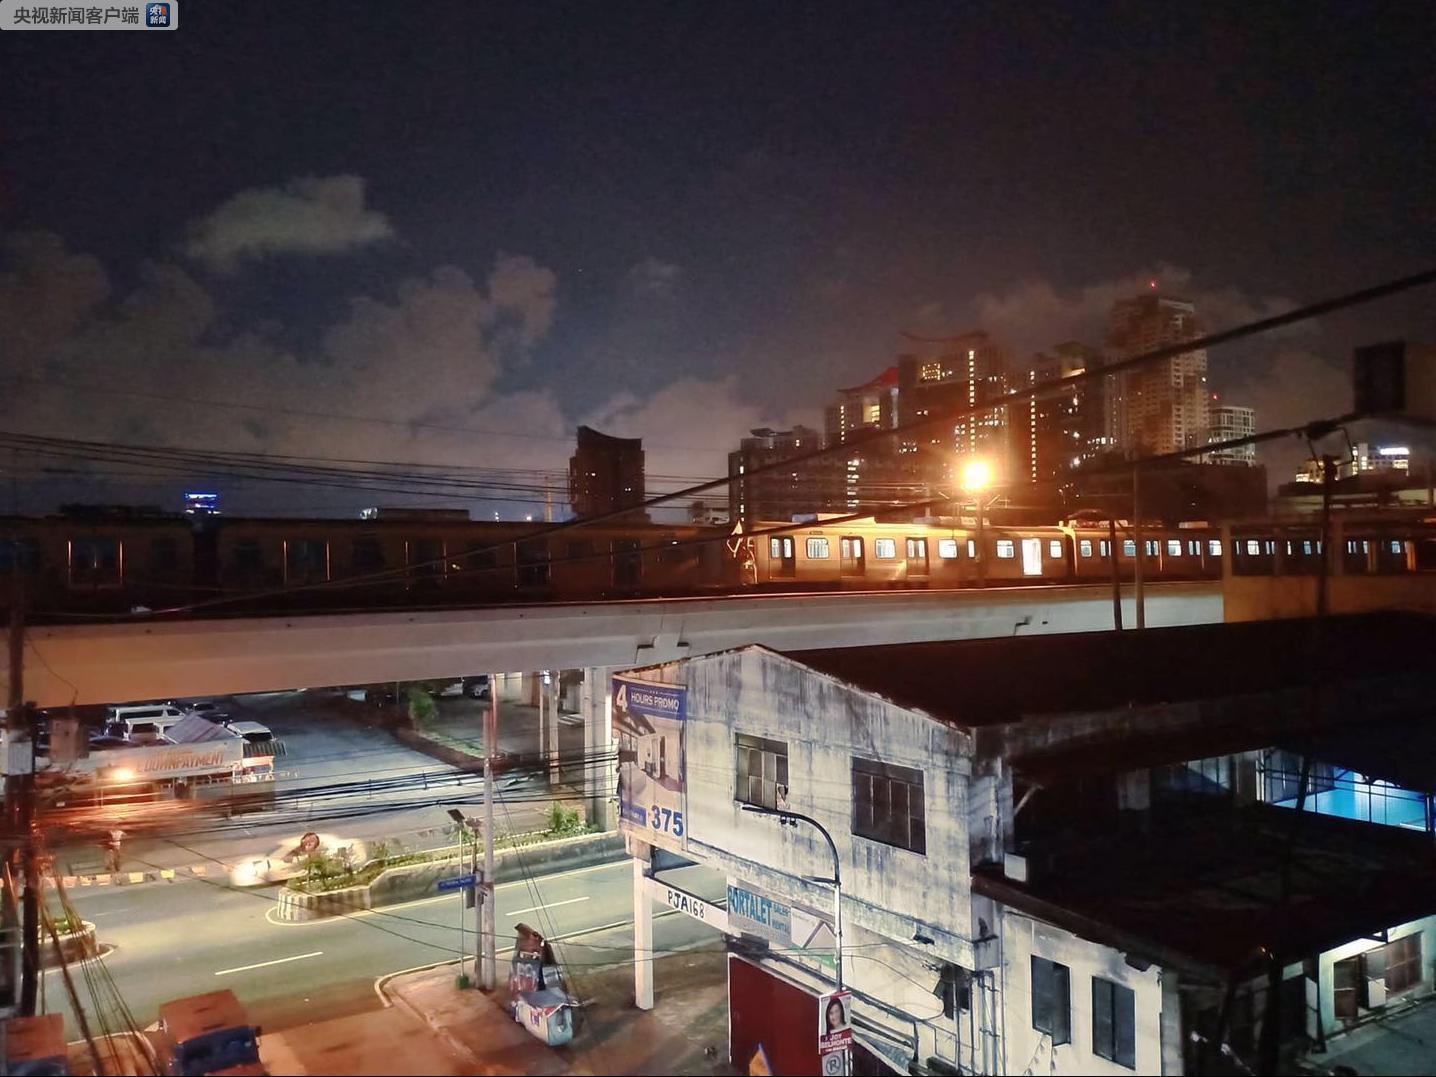 菲律宾首都马尼拉两辆轻轨列车相撞,造成至少29人受伤